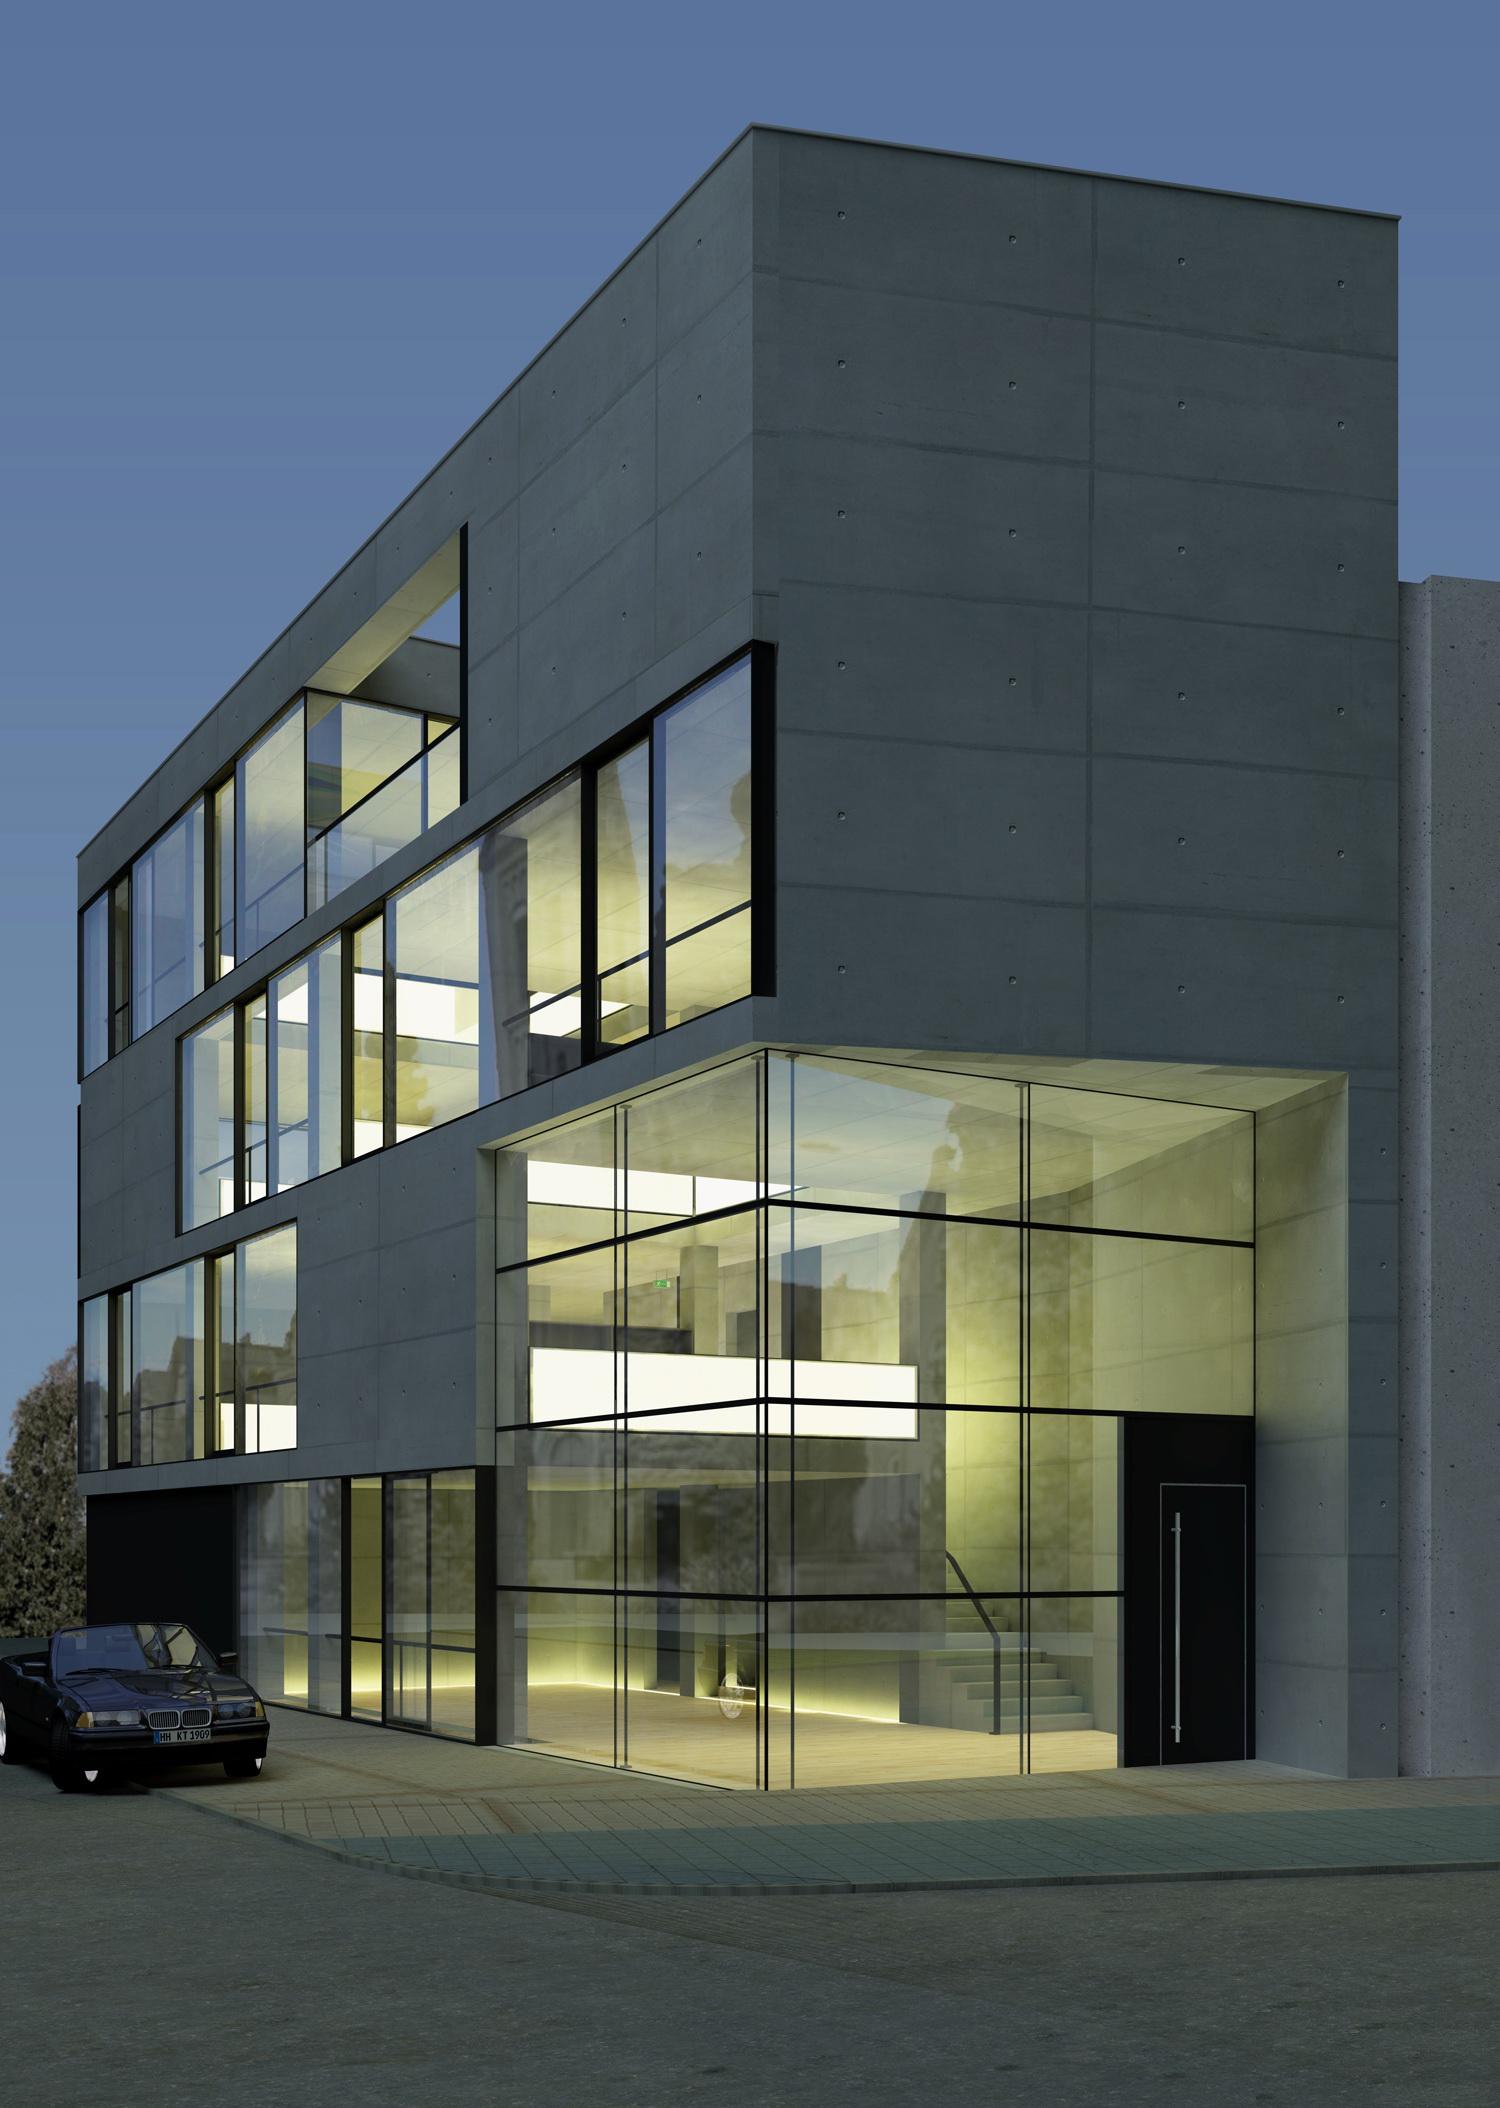 File architektur visualisierung buerohaus wikimedia commons - Architekturvisualisierung berlin ...